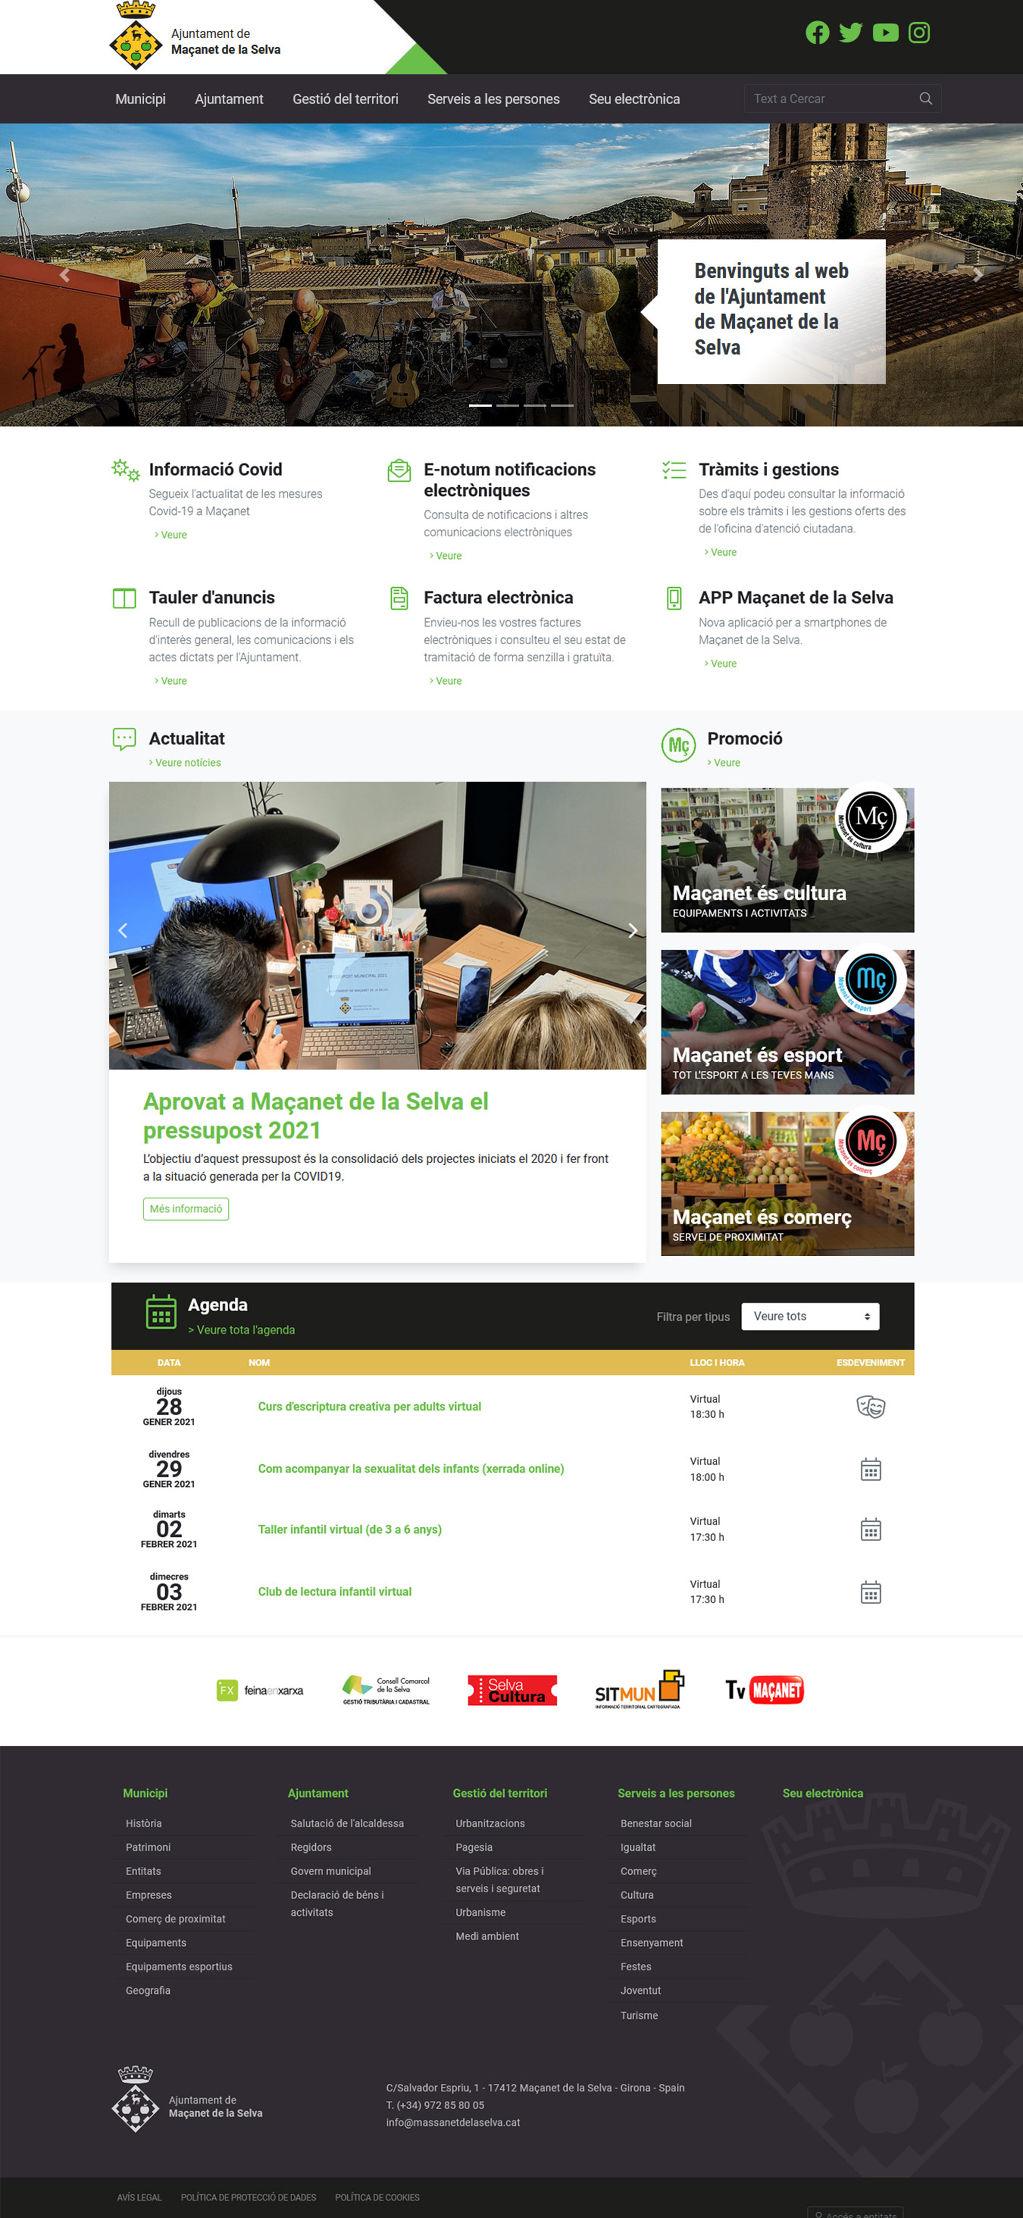 Maçanet de la Selva estrena nova pàgina web - f20b8-disseny-web-ajuntament-.jpg